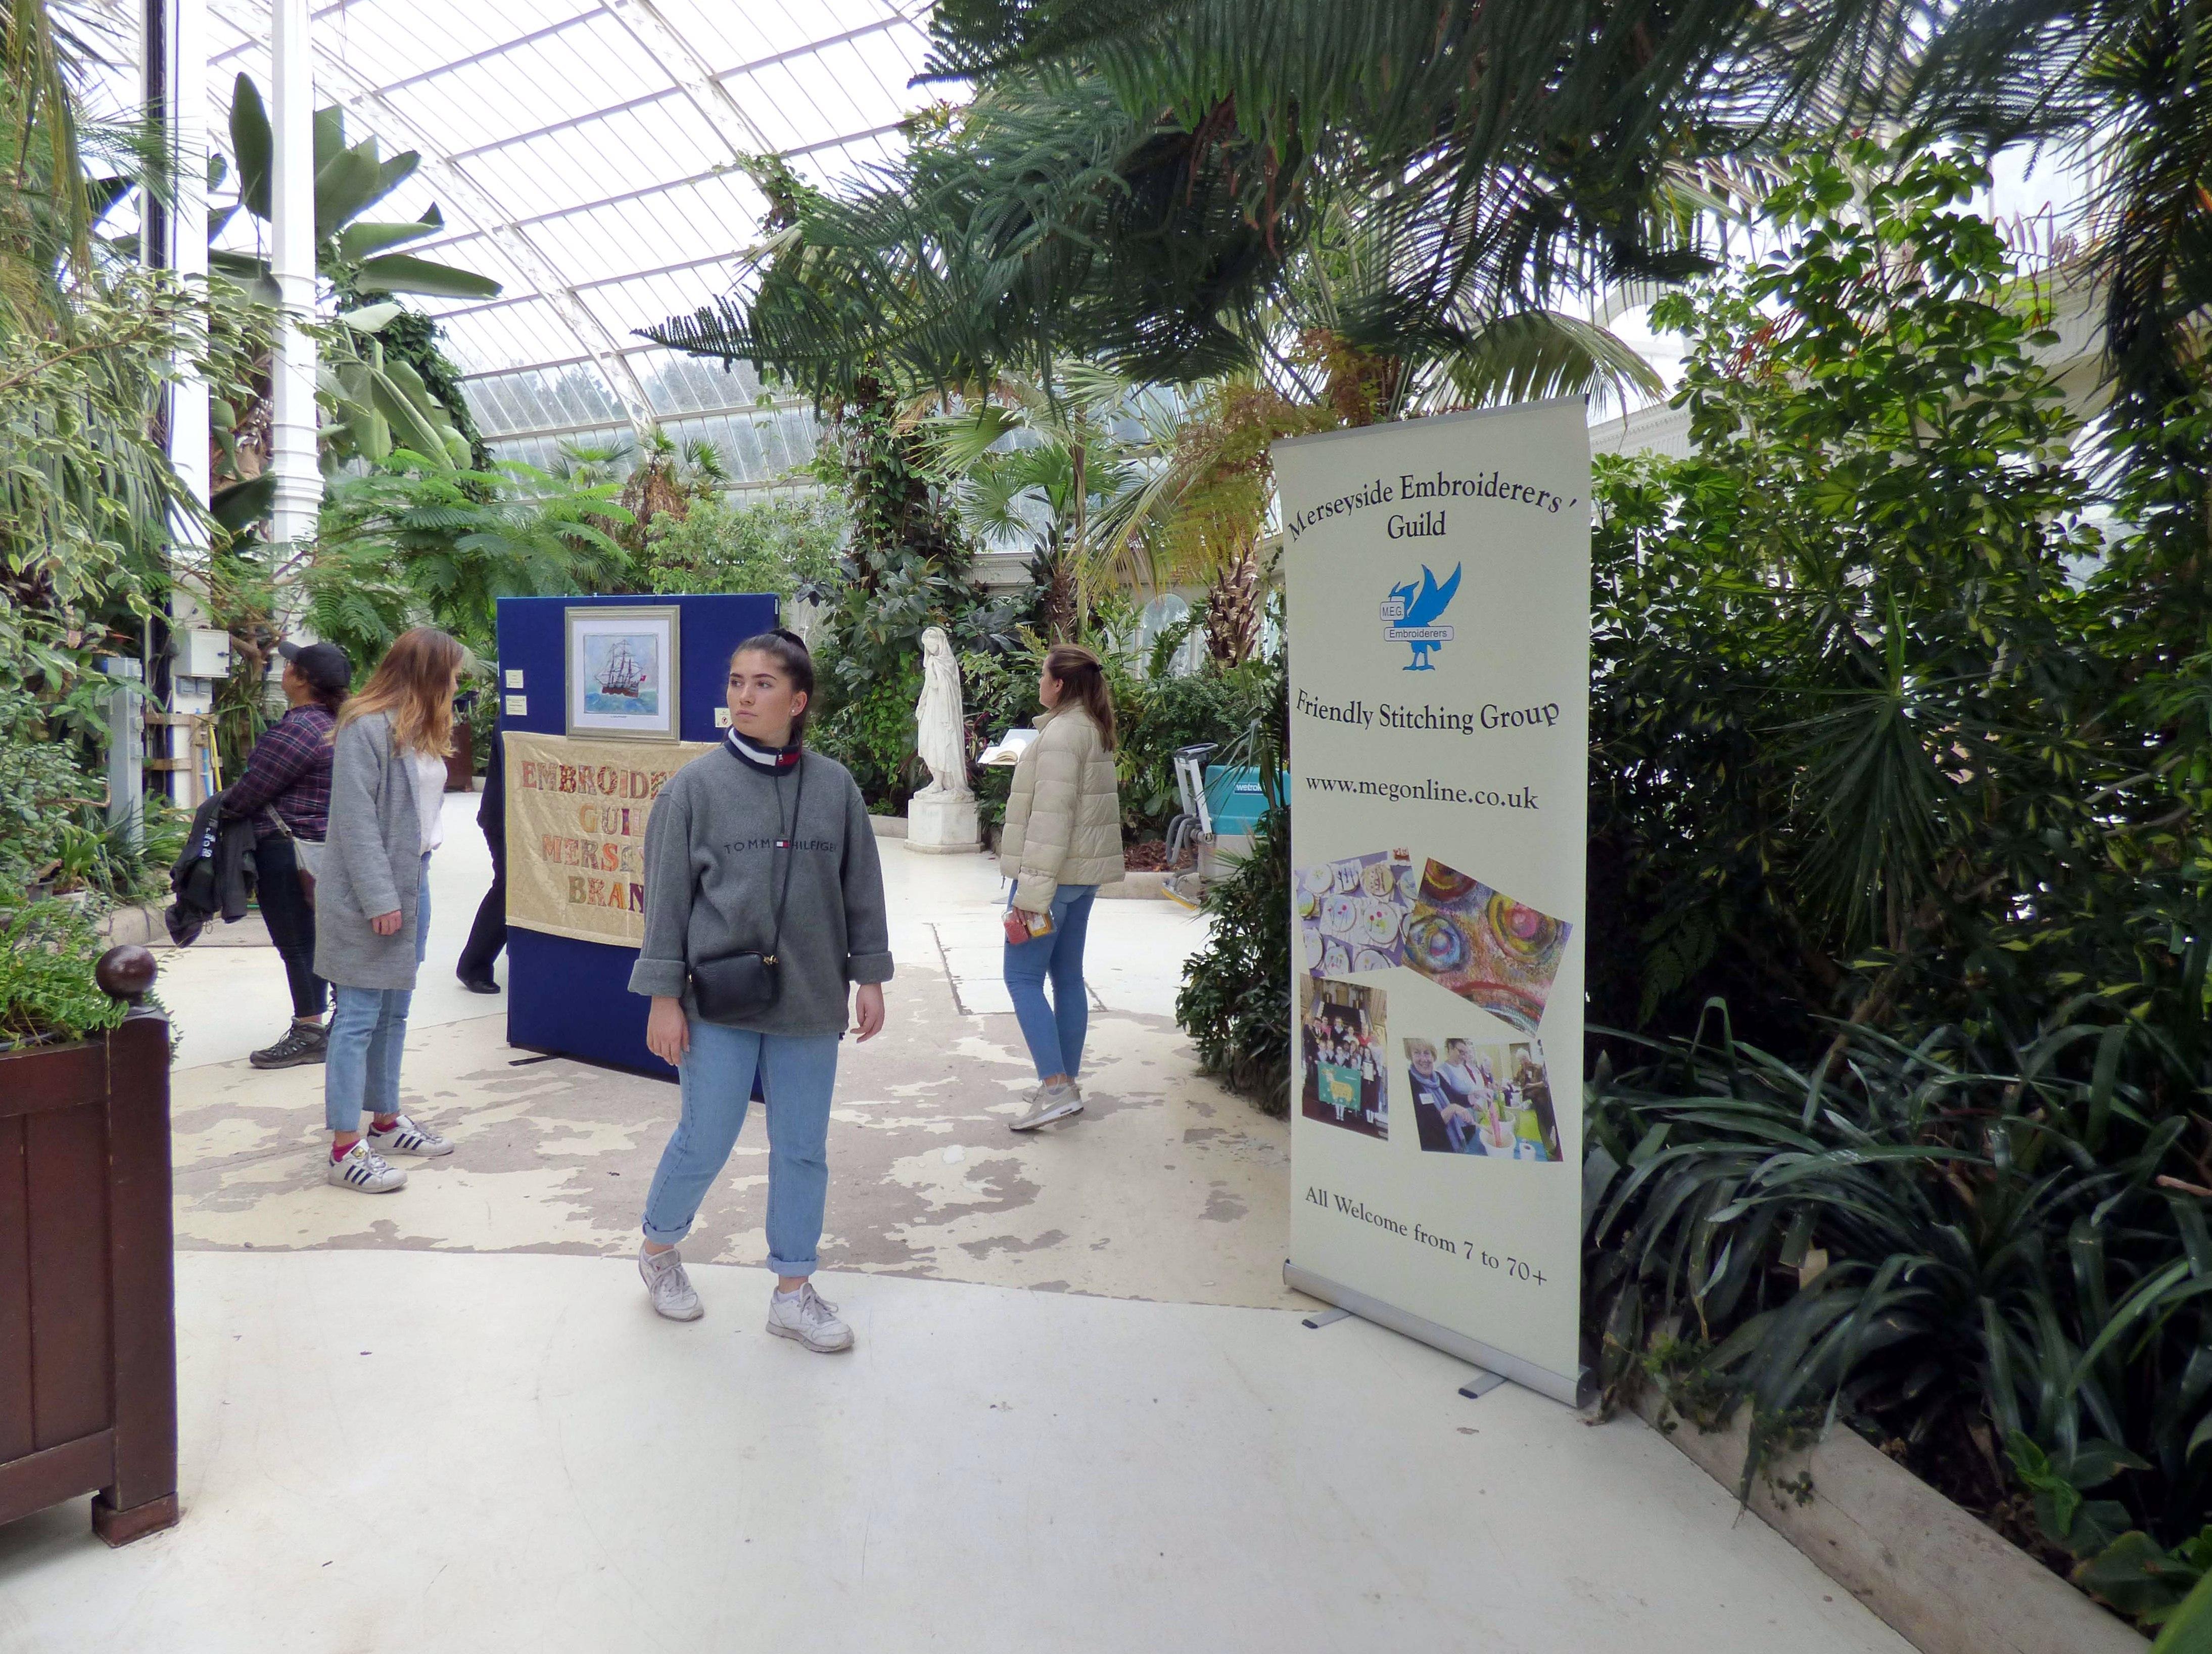 Endeavour exhibition at Sefton Park Palm House 2019